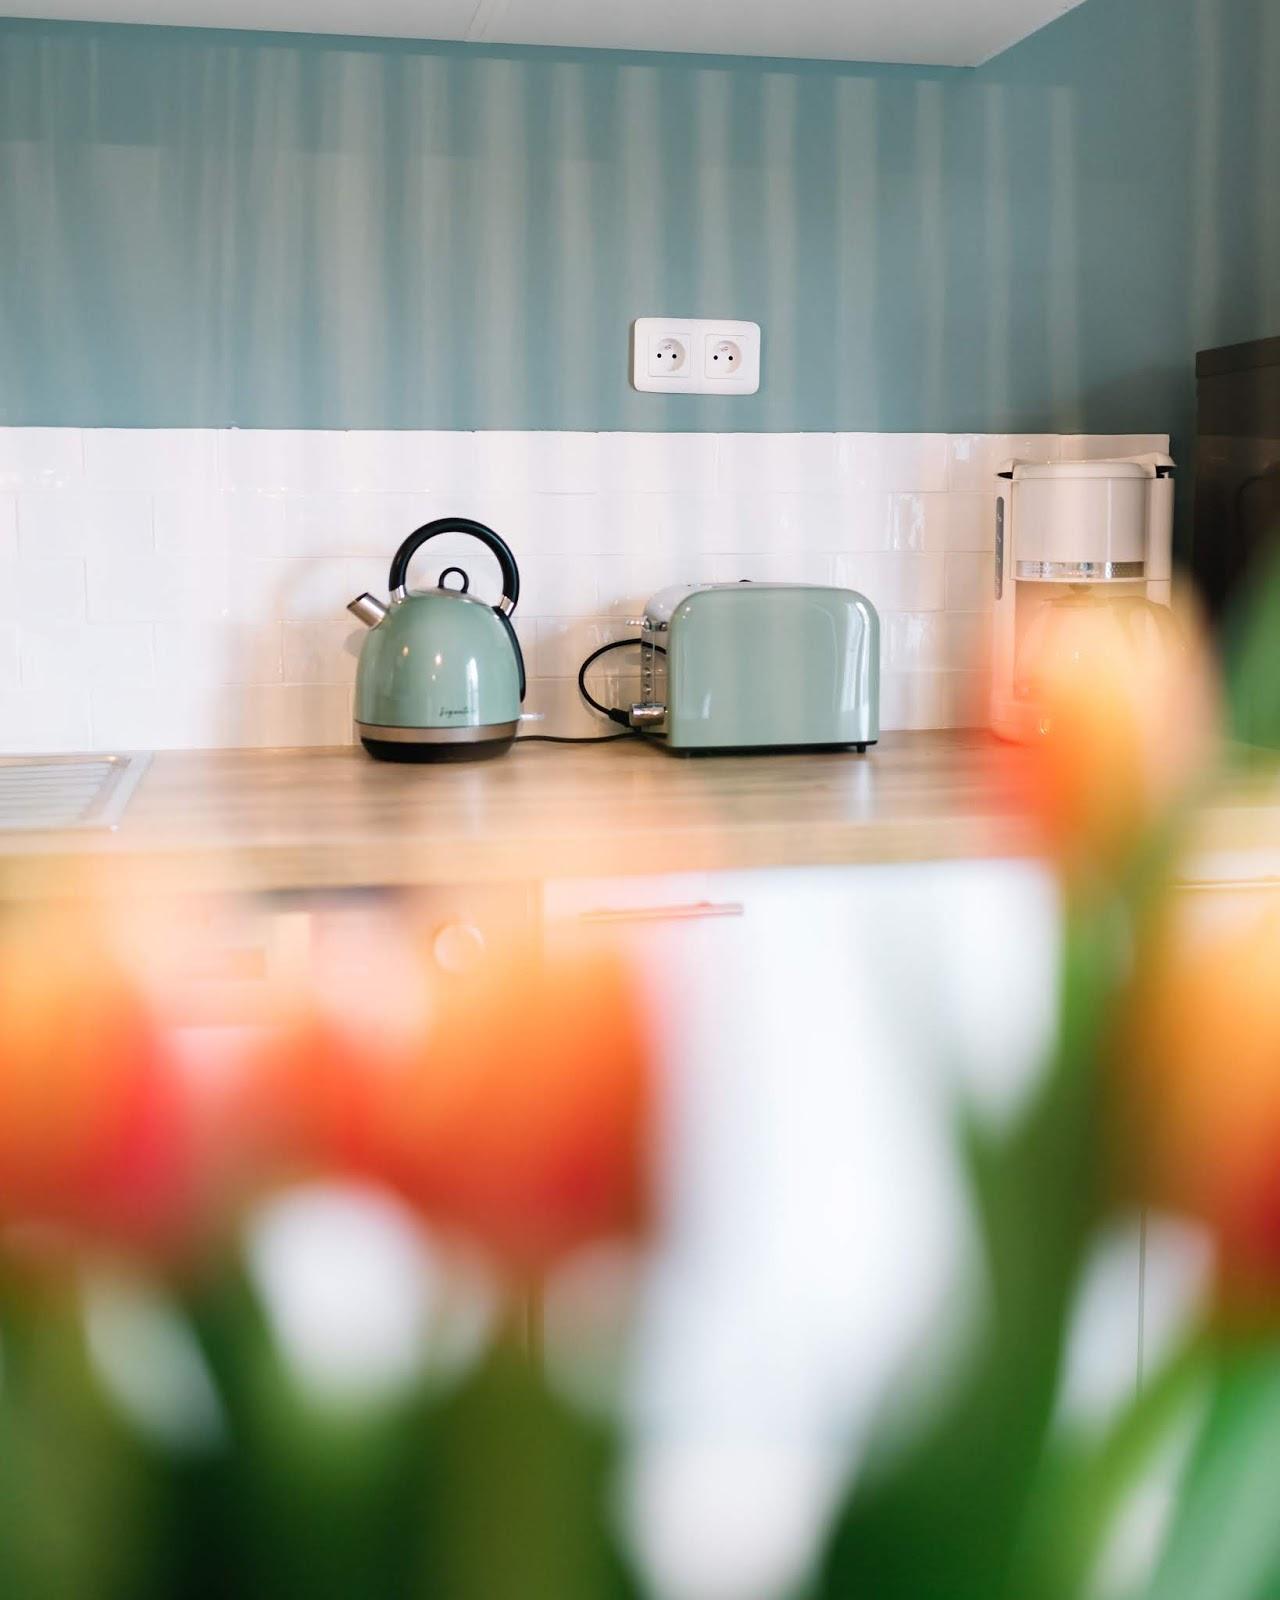 مطبخ,طبخ,نصائح منزلية,نصائح مطبخية,معلومات,مطبخية,طريقة,حيل,أفكار منزلية,معلومات مطبخية,نصائح,افكار,منزلية,حلول مطبخية,أفكار مطبخية,حيل مطبخية,أفكار,أدوات مطبخ رائعة,تنضيم المطبخ,نصائح مطبخيه,أفكار مطبخية بالصور,حيل المطبخ,طعام